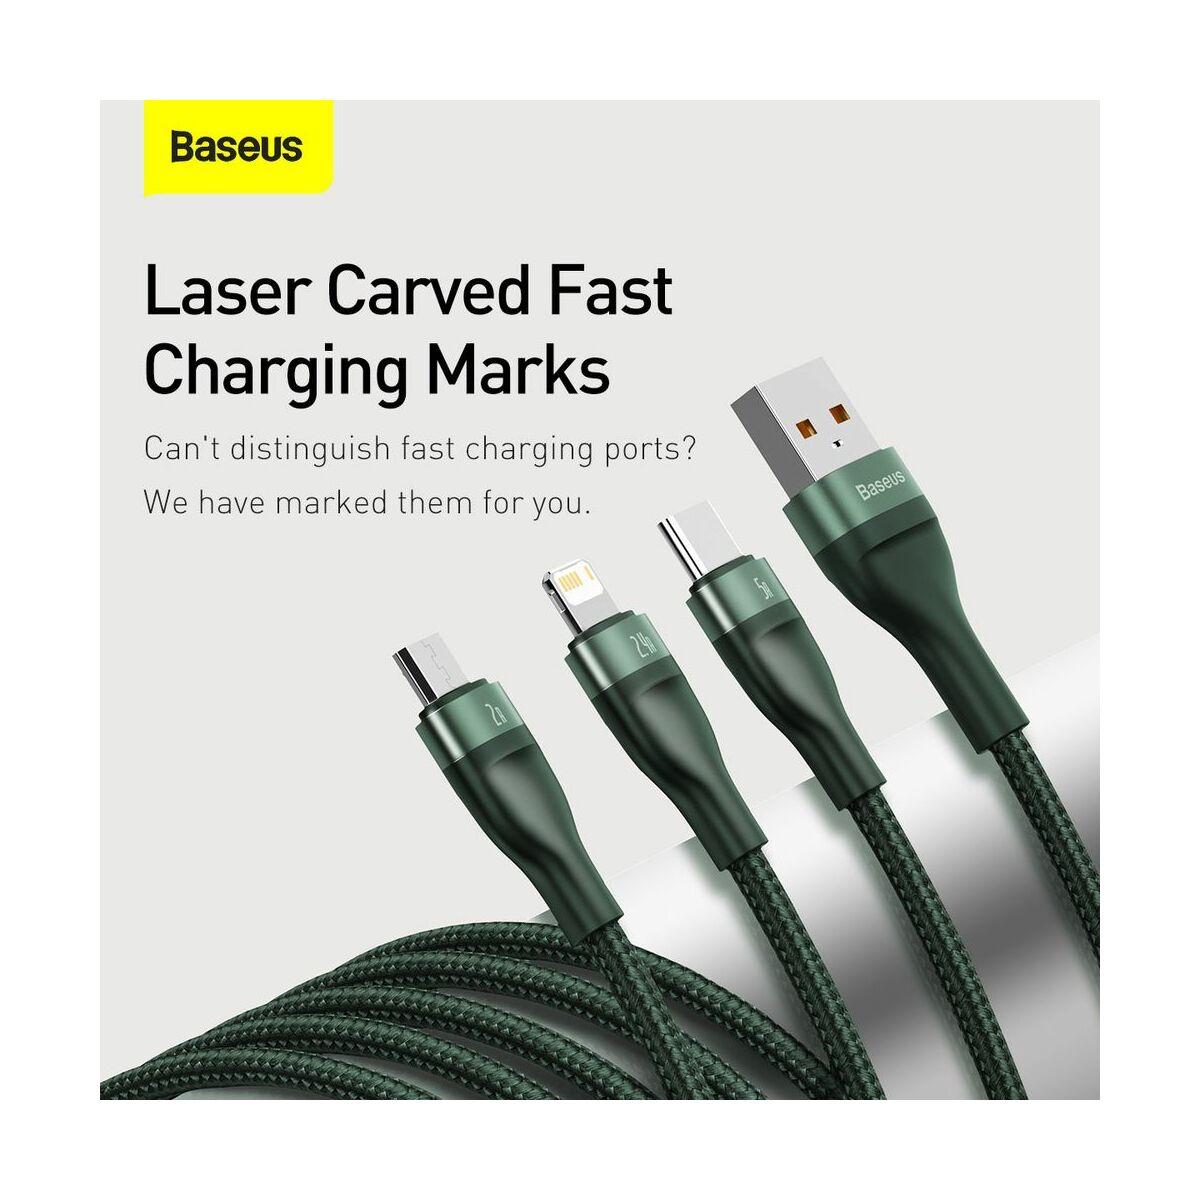 Baseus Univerzális kábel, Flash Series 3-in-1 gyors töltő (Micro+Lightning+Type-C) 18W, 5A, 1.2m, zöld (CA1T3-06)